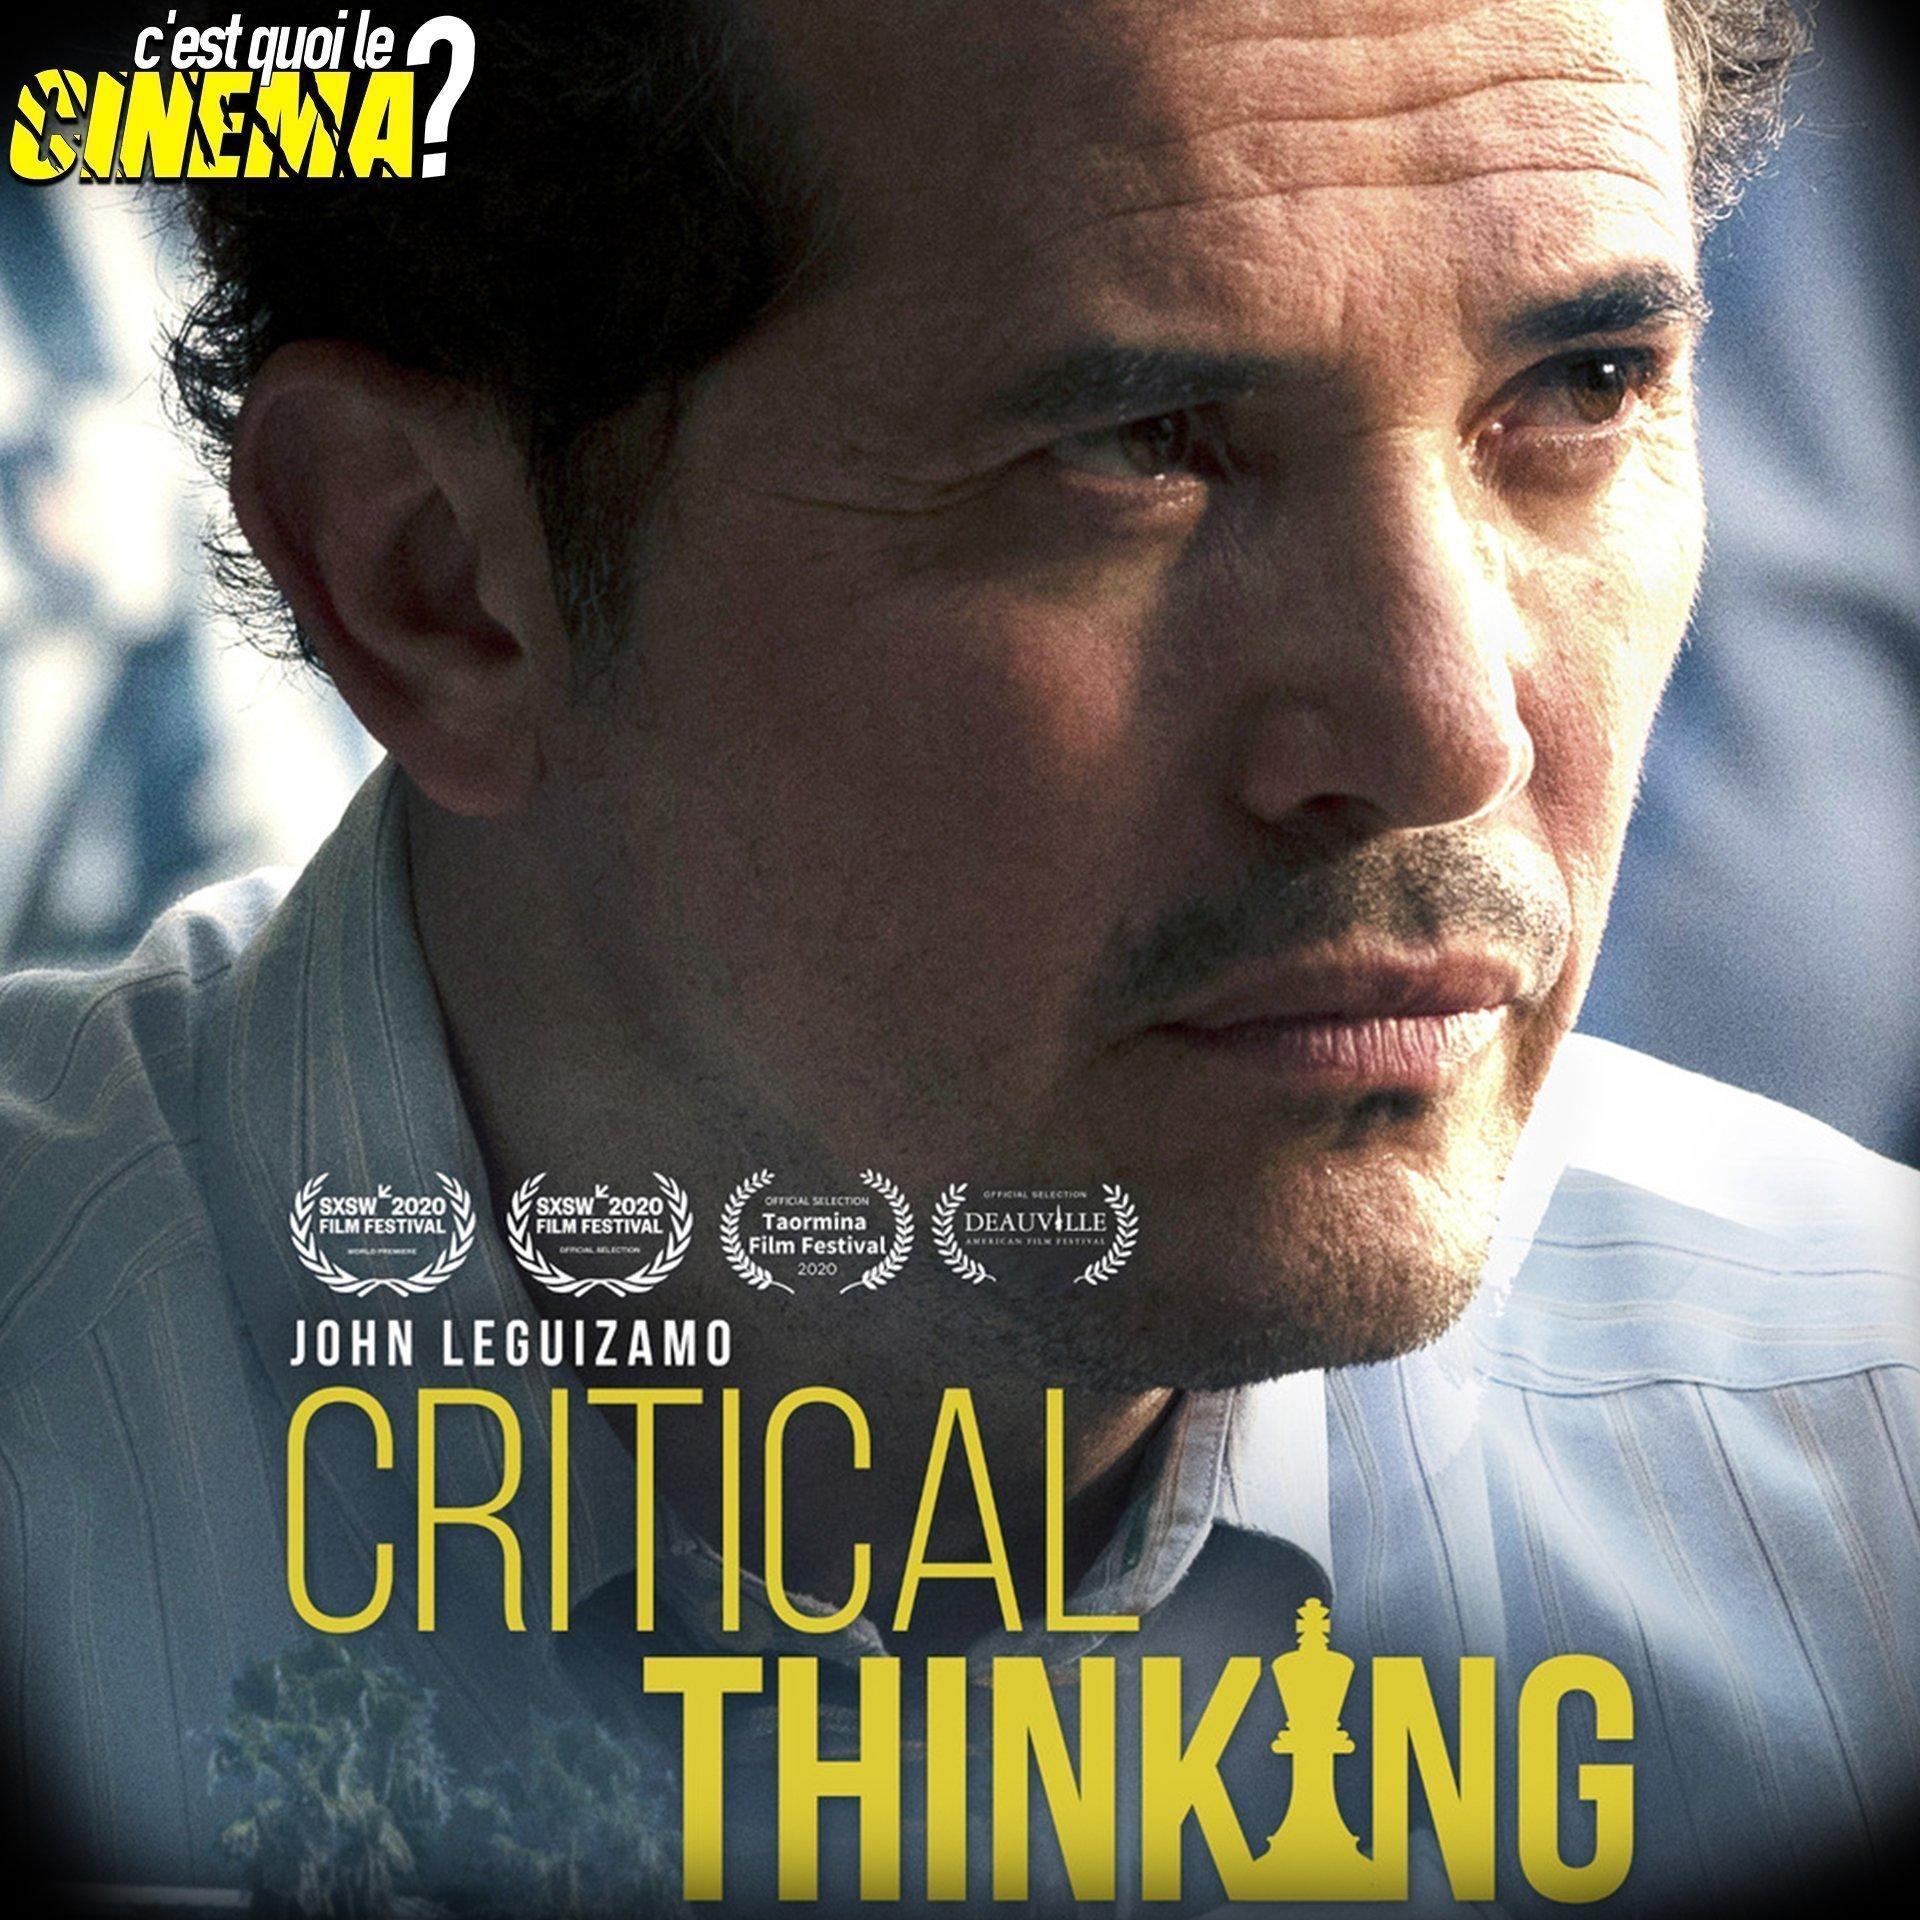 [CRITIQUE] Critical Thinking – Biopic jouissif pour le public